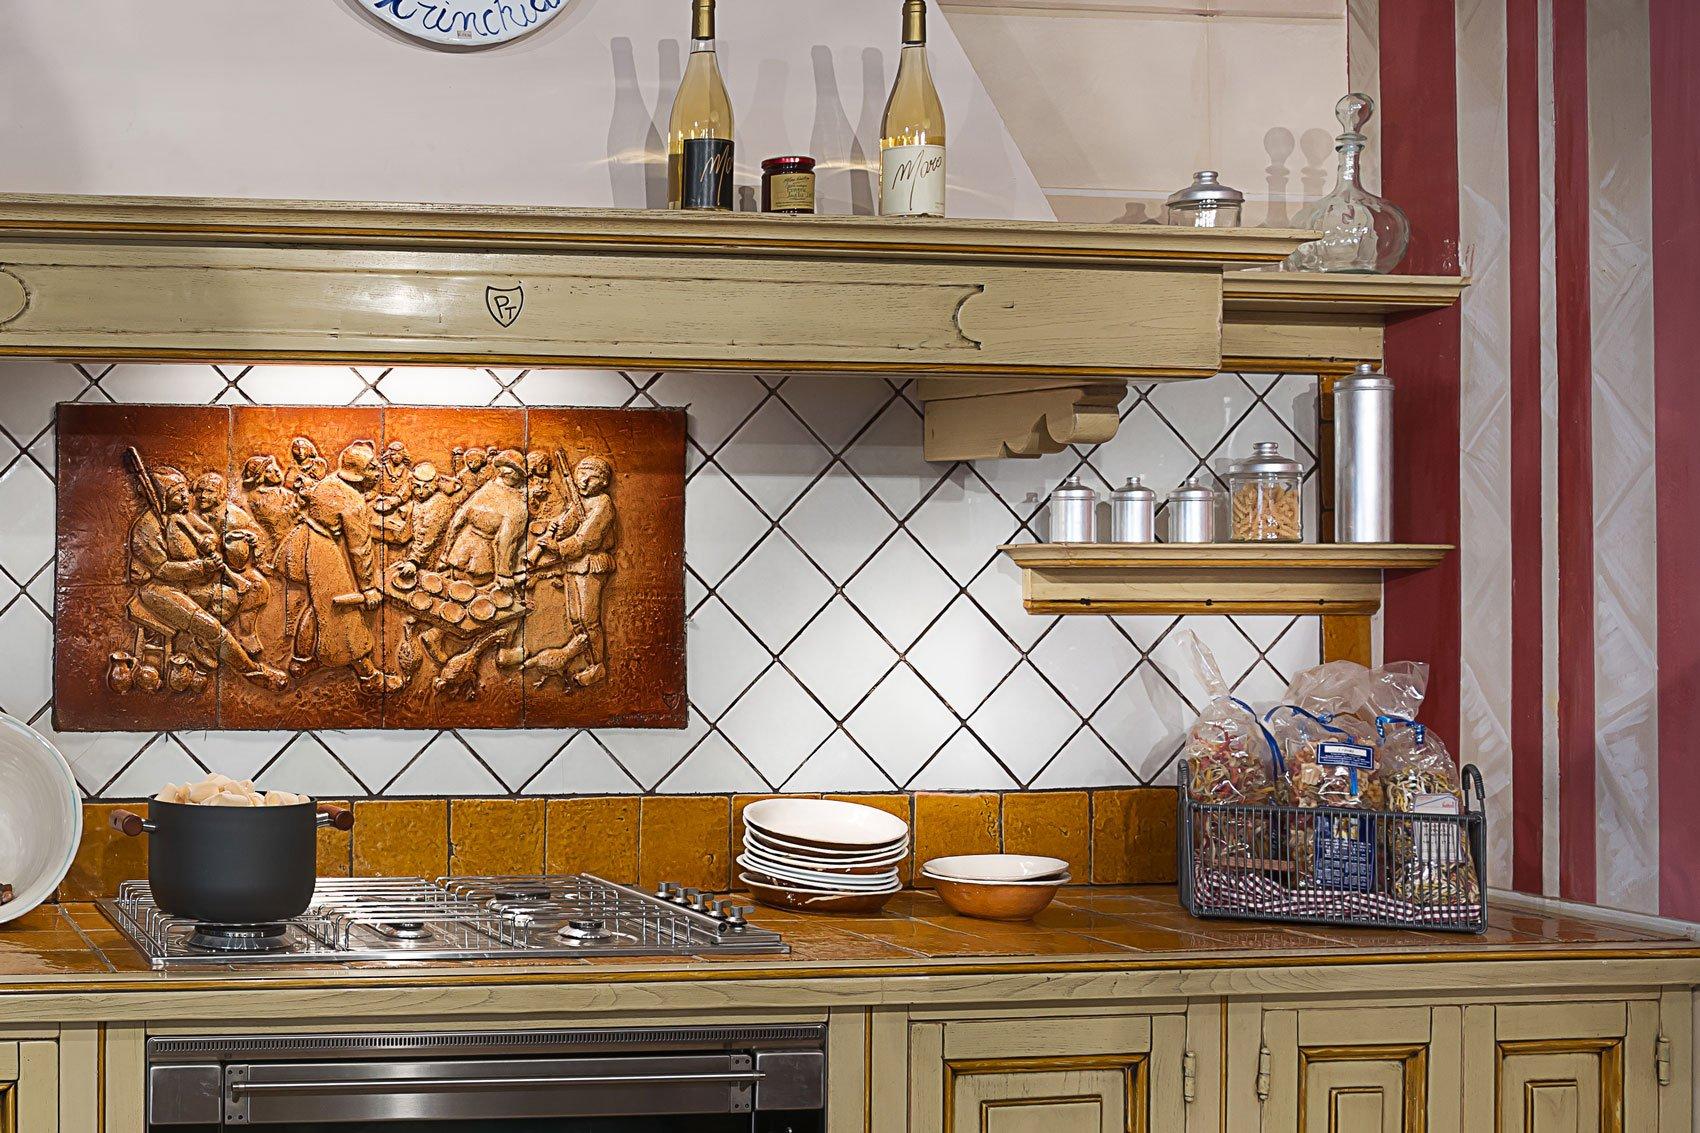 Scegliere le piastrelle per le pareti della cucina cose - Piastrelle vietri cucina ...